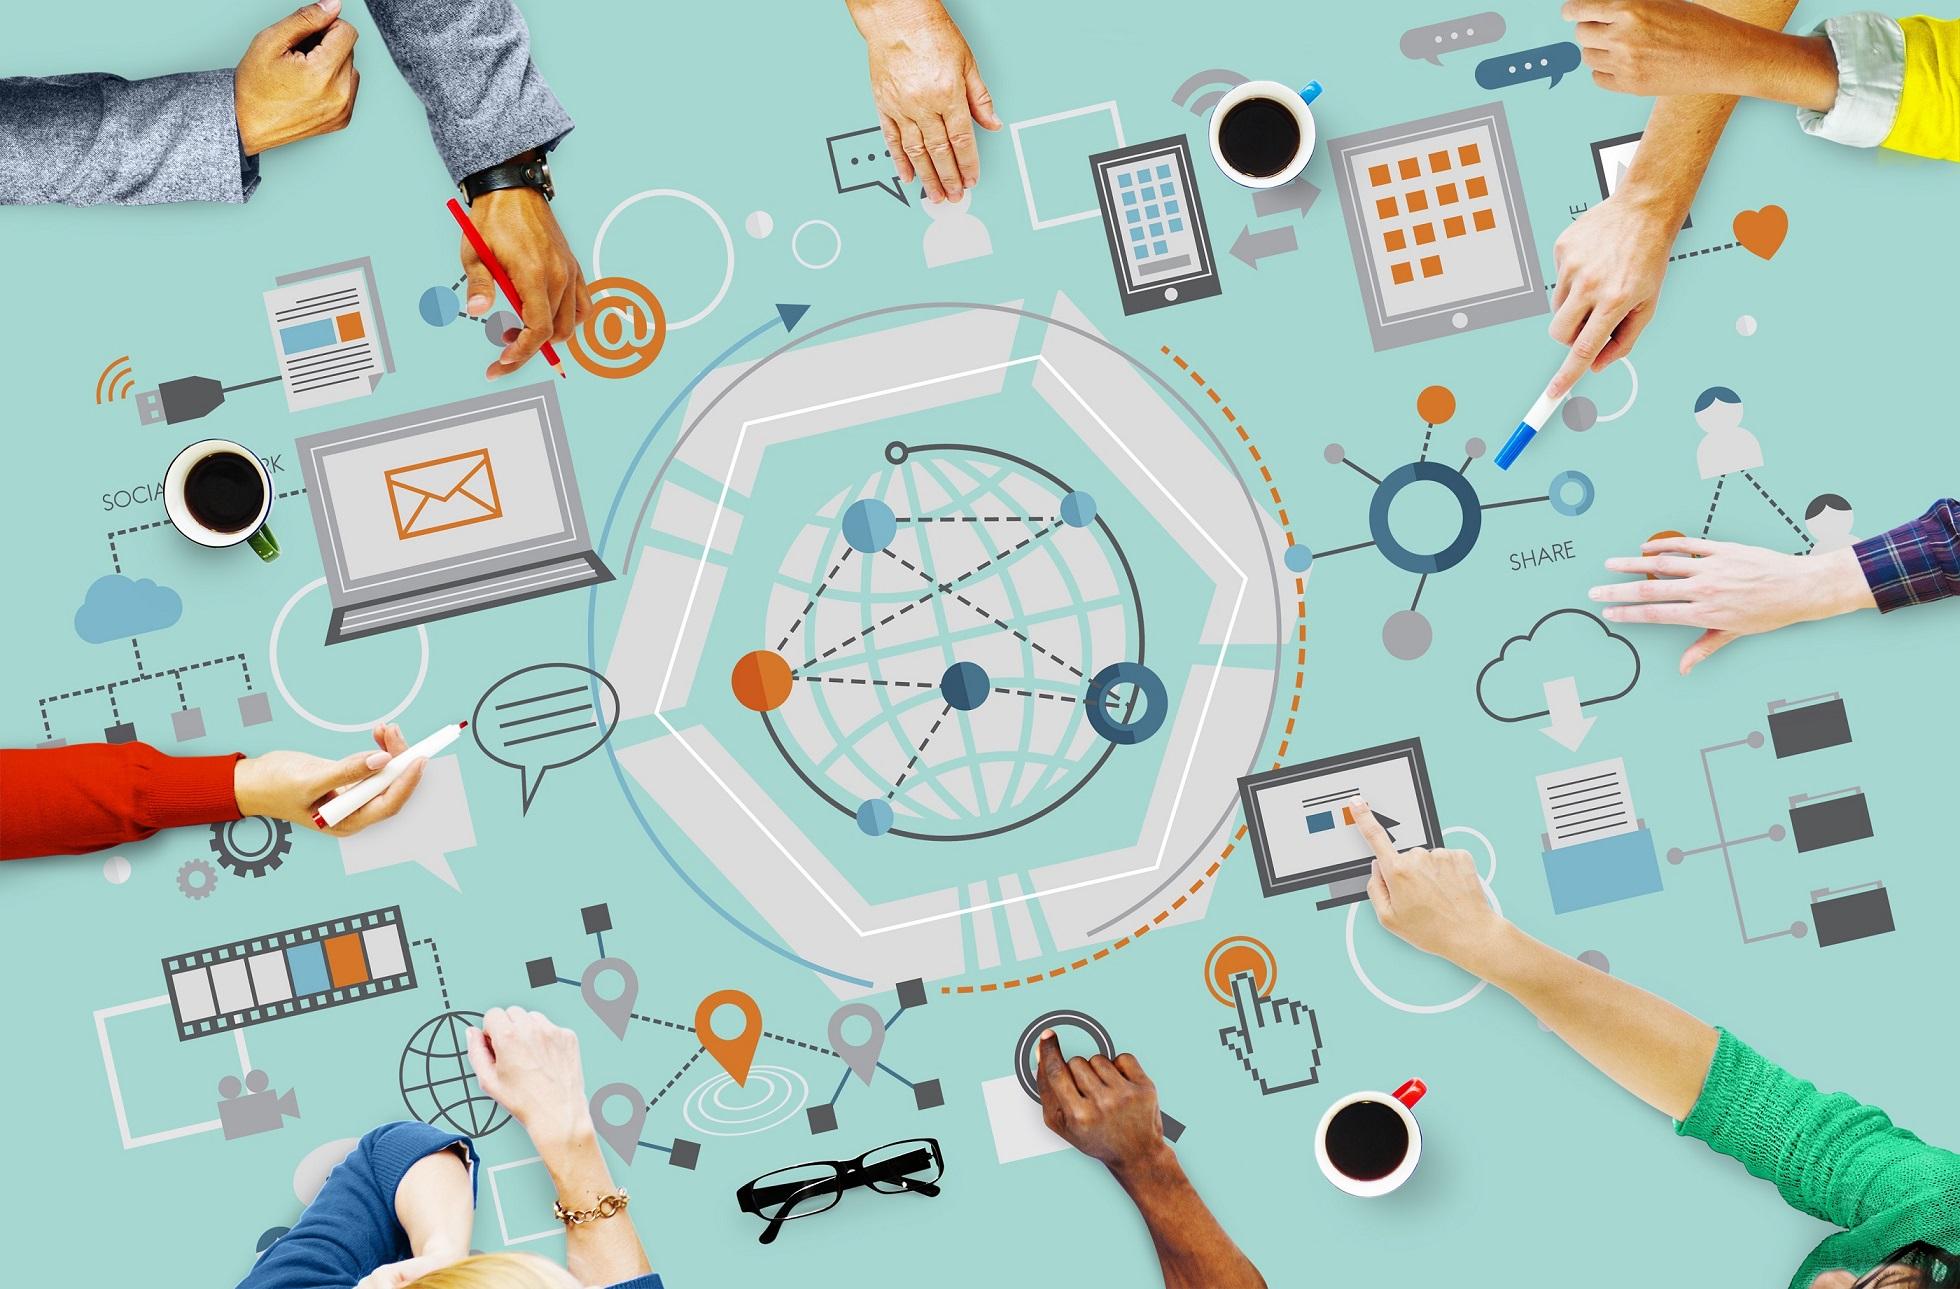 Competencias Digitales para profesores y alumnos. Construyendo un PLE. 3 y 5 de septiembre